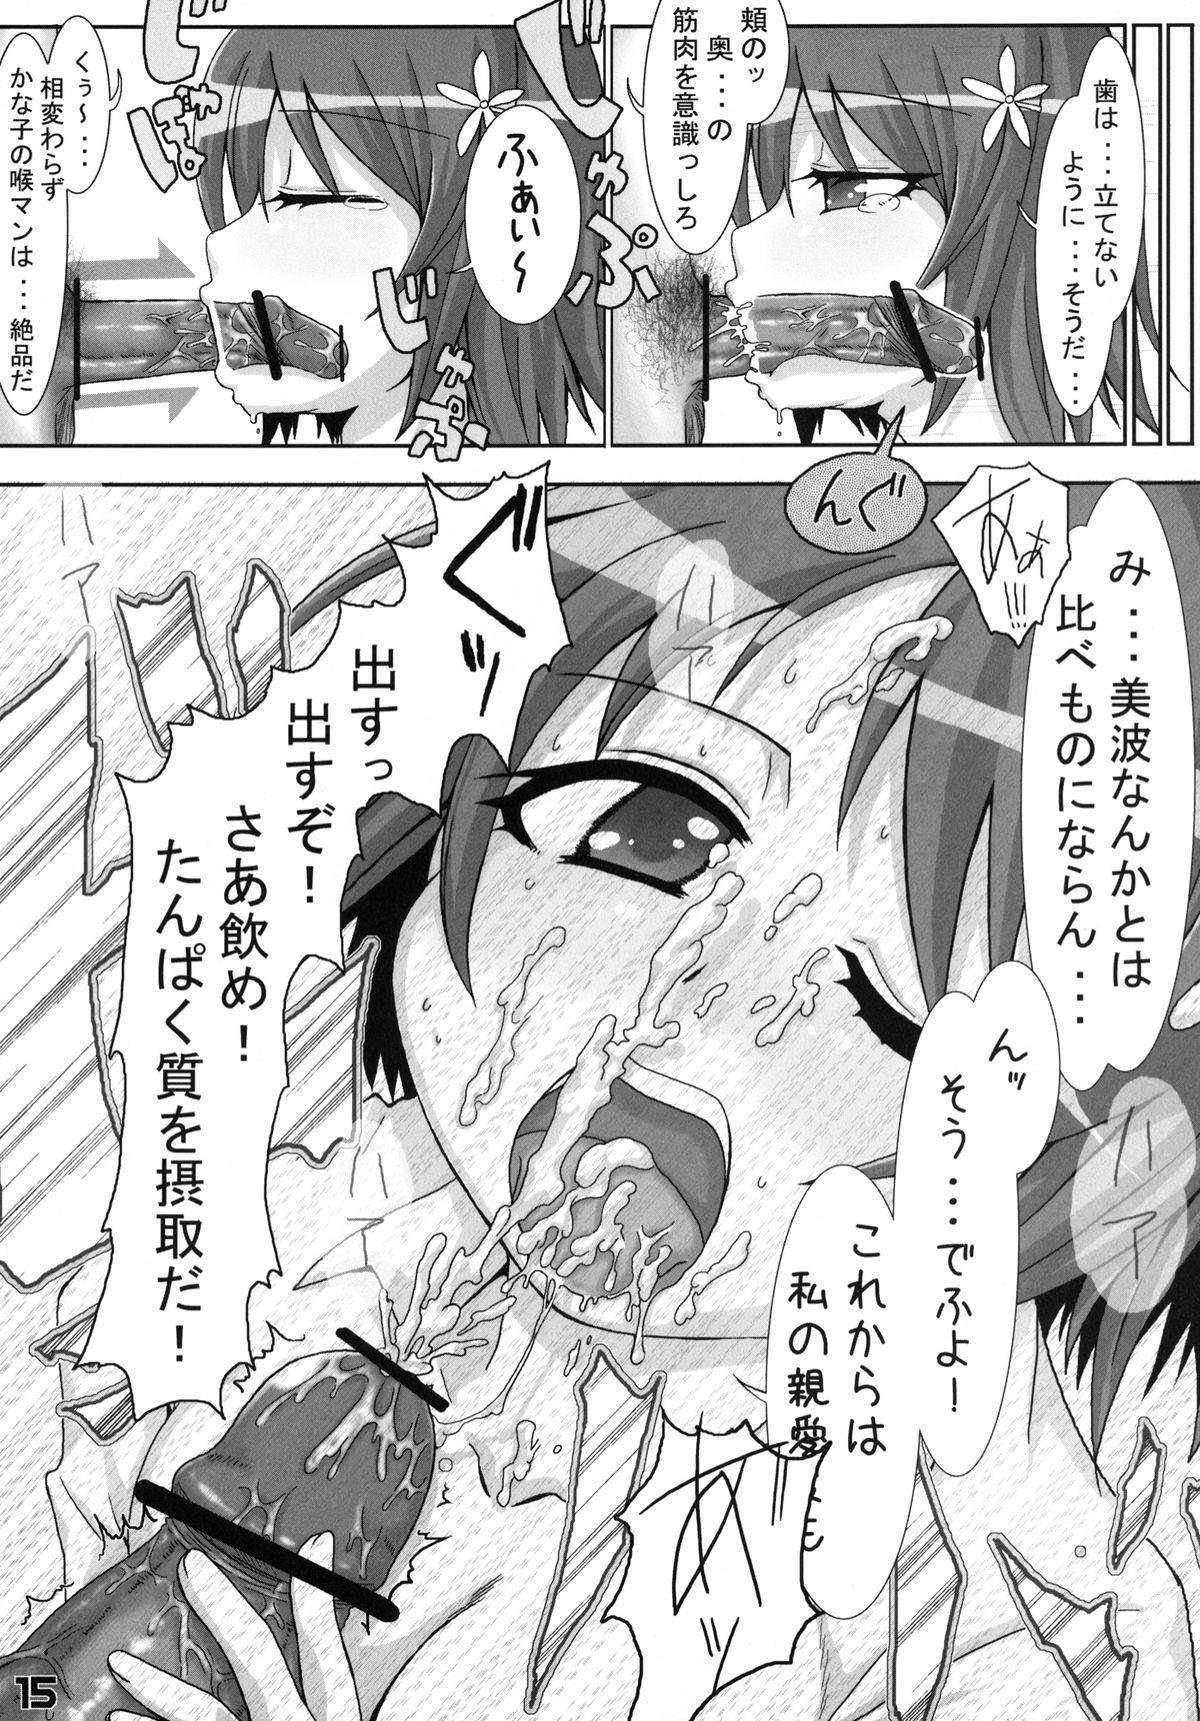 P to Kanako no Love Love Diet 13